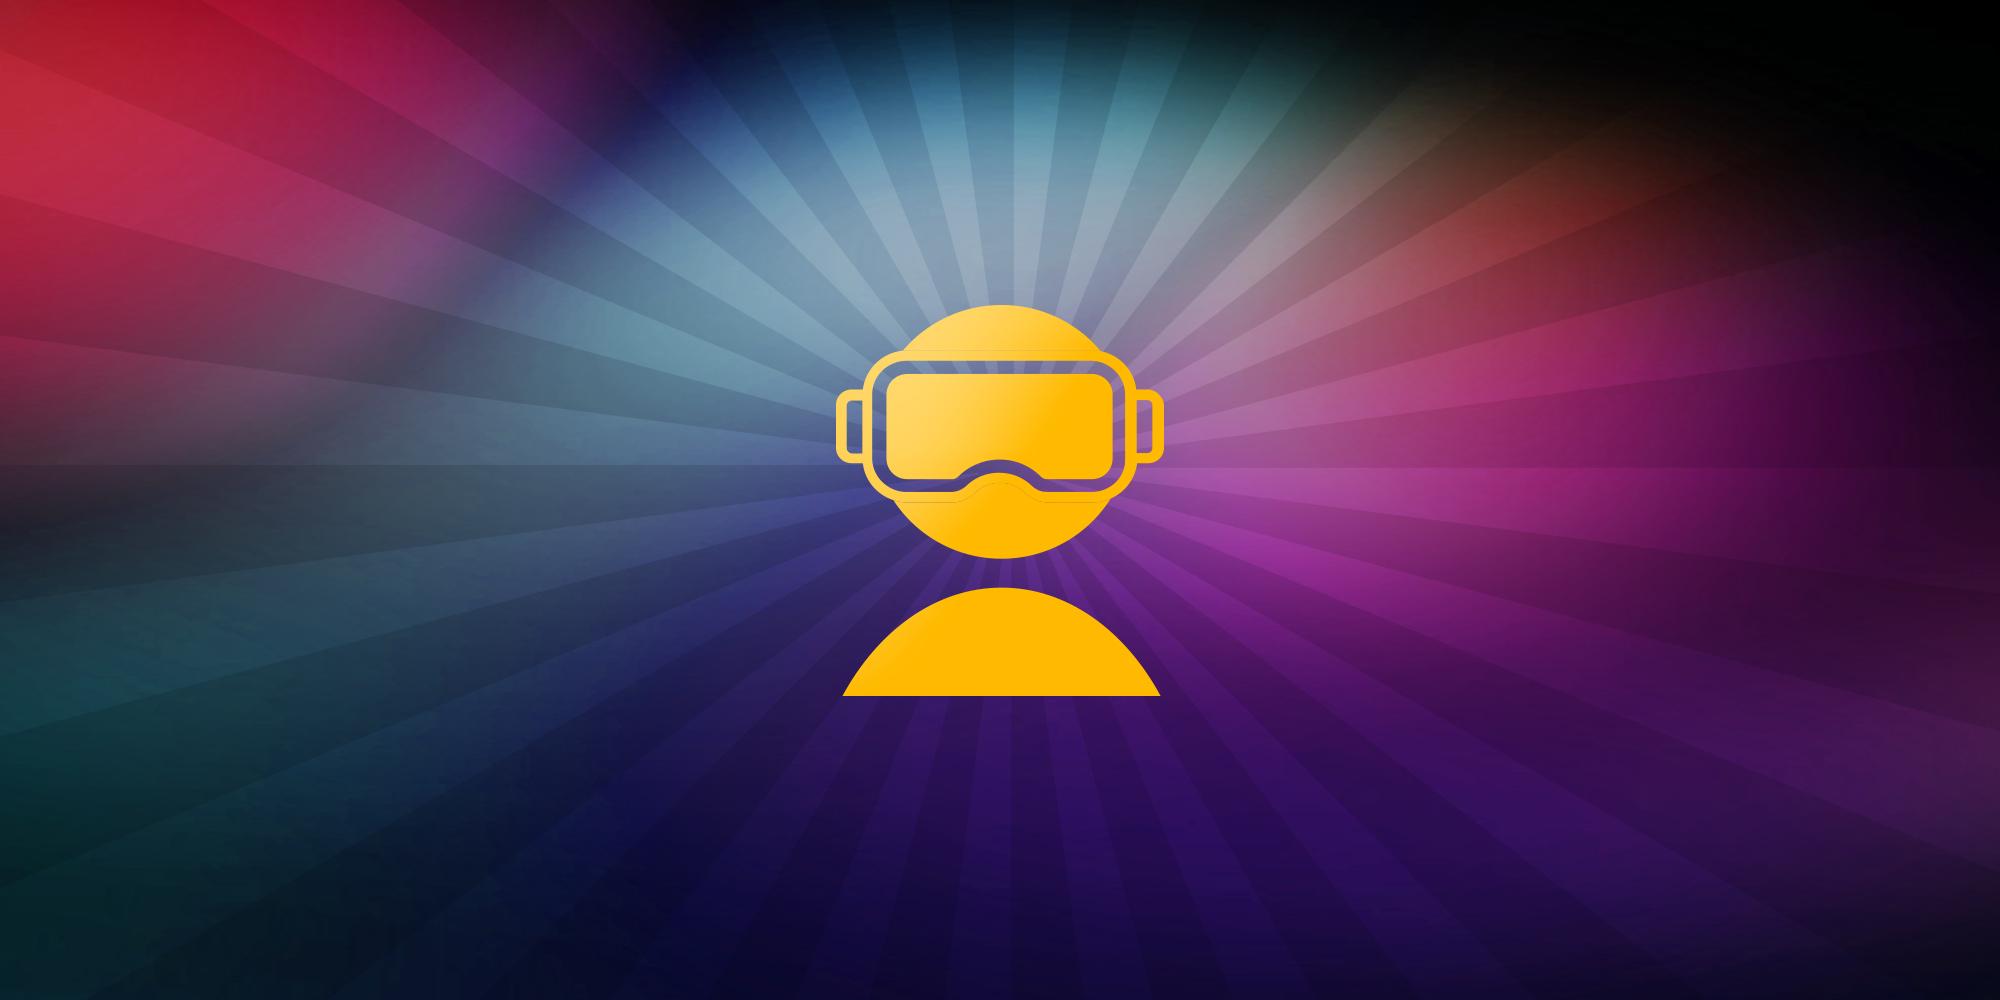 Квест в виртуальной реальности — это новый формат Клаустрофобии